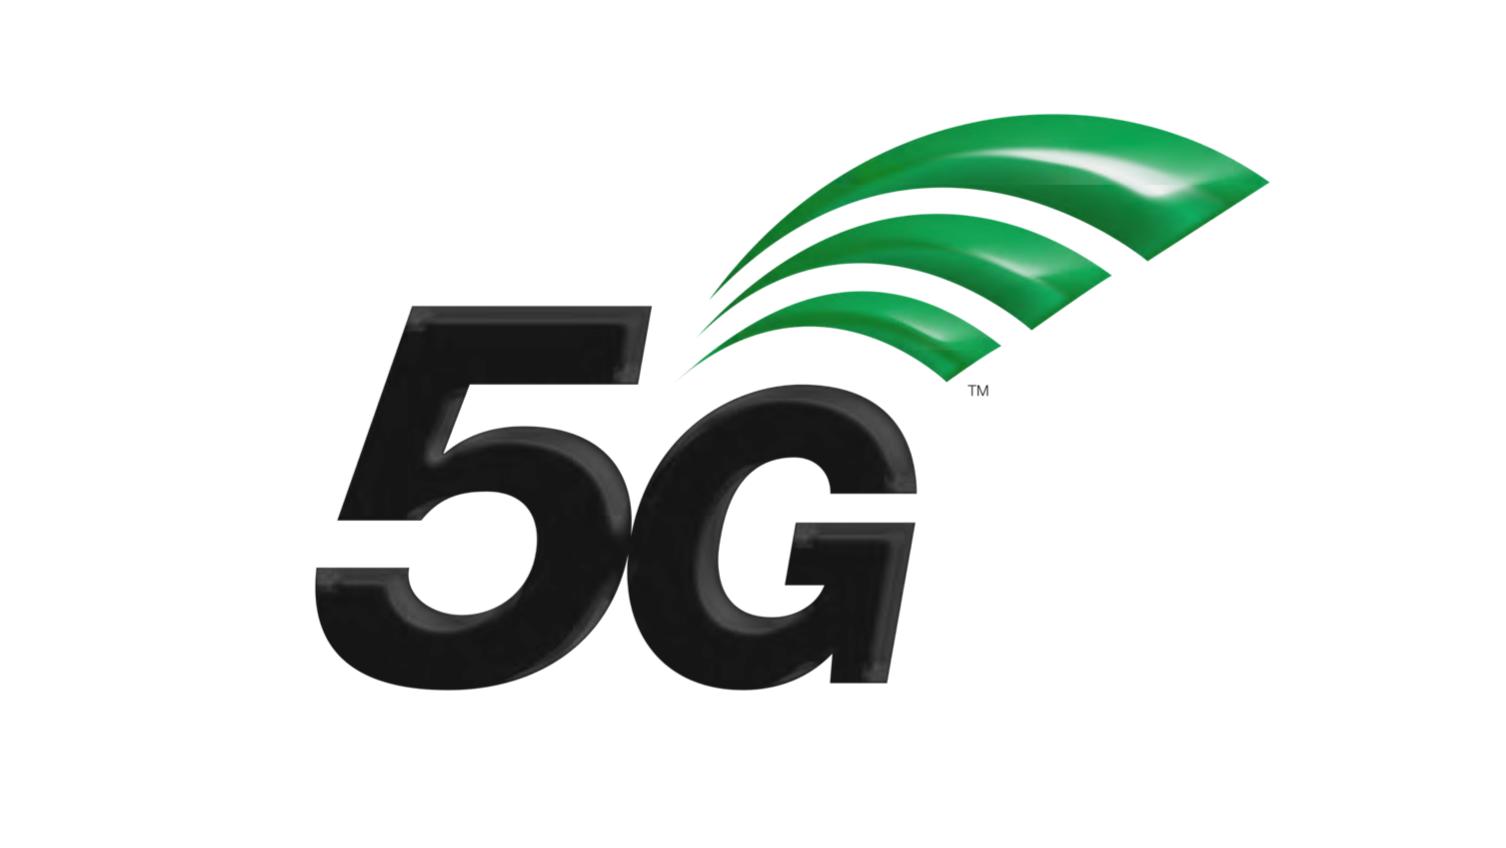 O 5G vem aí: especificações padrão de hardware são aprovadas em reunião